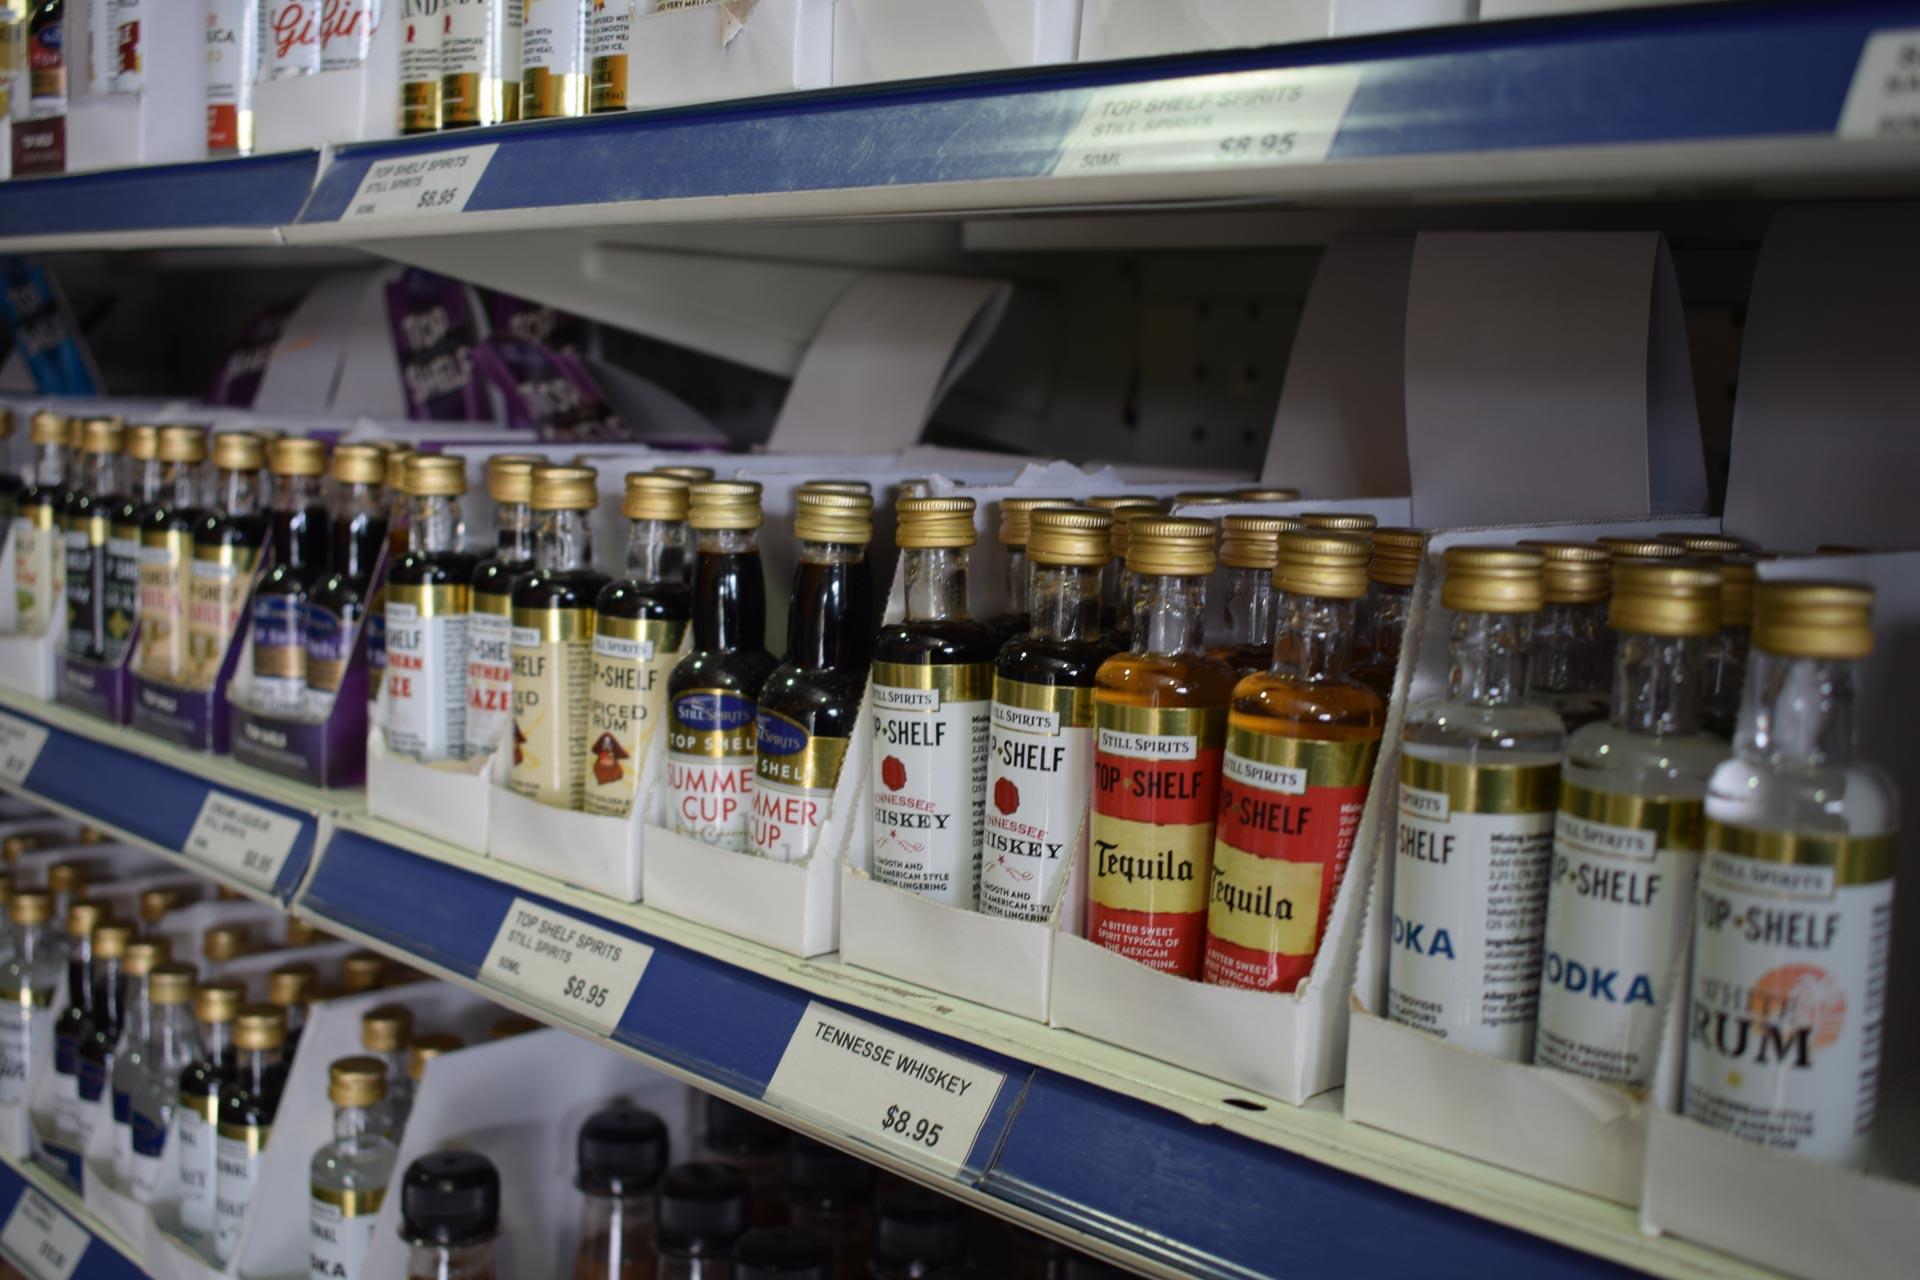 Brewers_Delight_Mandurah_Shelve11